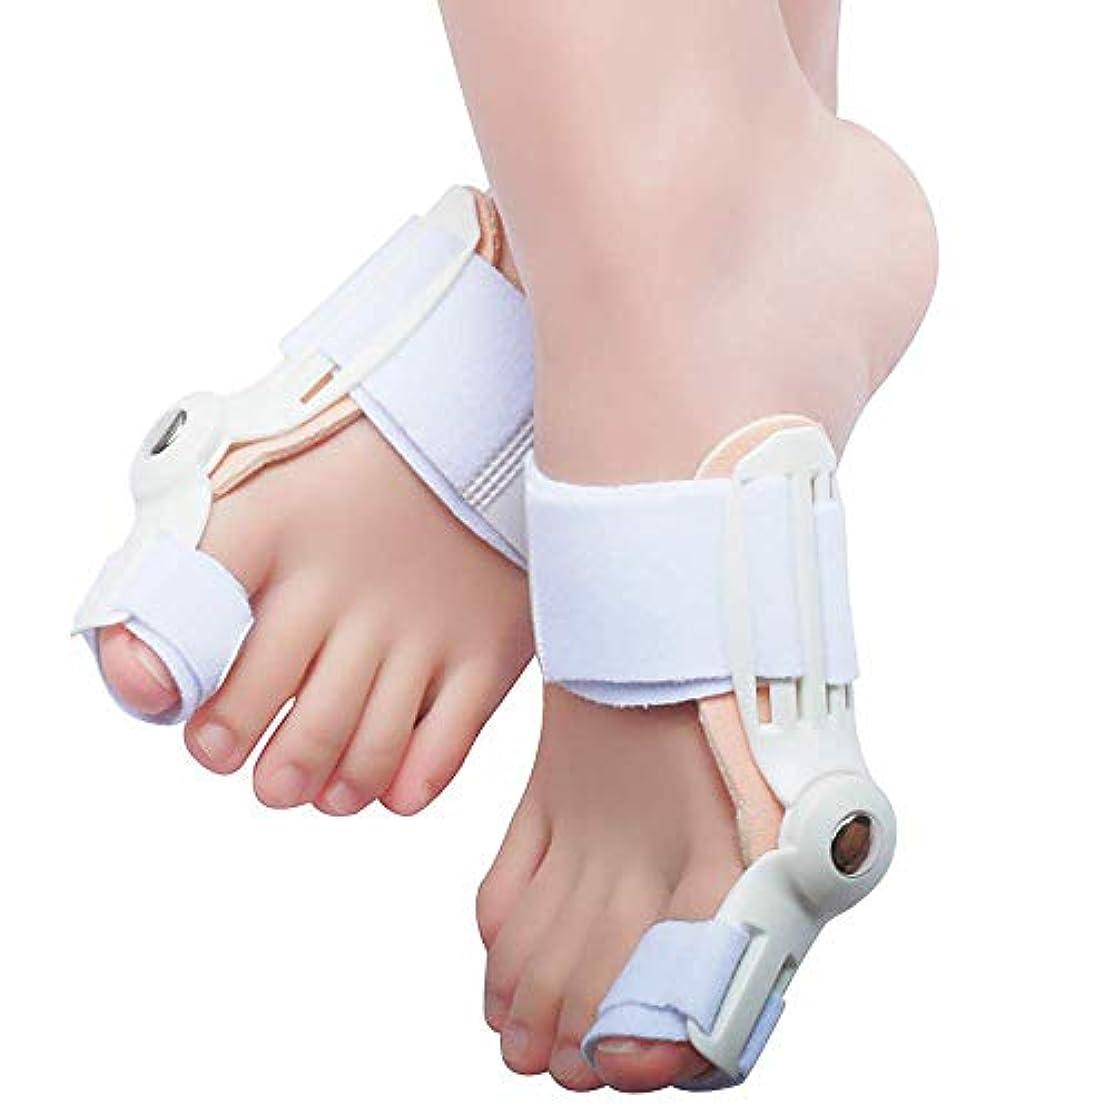 全体に病気資本整形外科用フットサポートトゥセパレーター、Bunionitis aligner、昼夜を問わず使用できるポータブルマッサージ保護姿勢、素早い安心のための男性と女性の足首